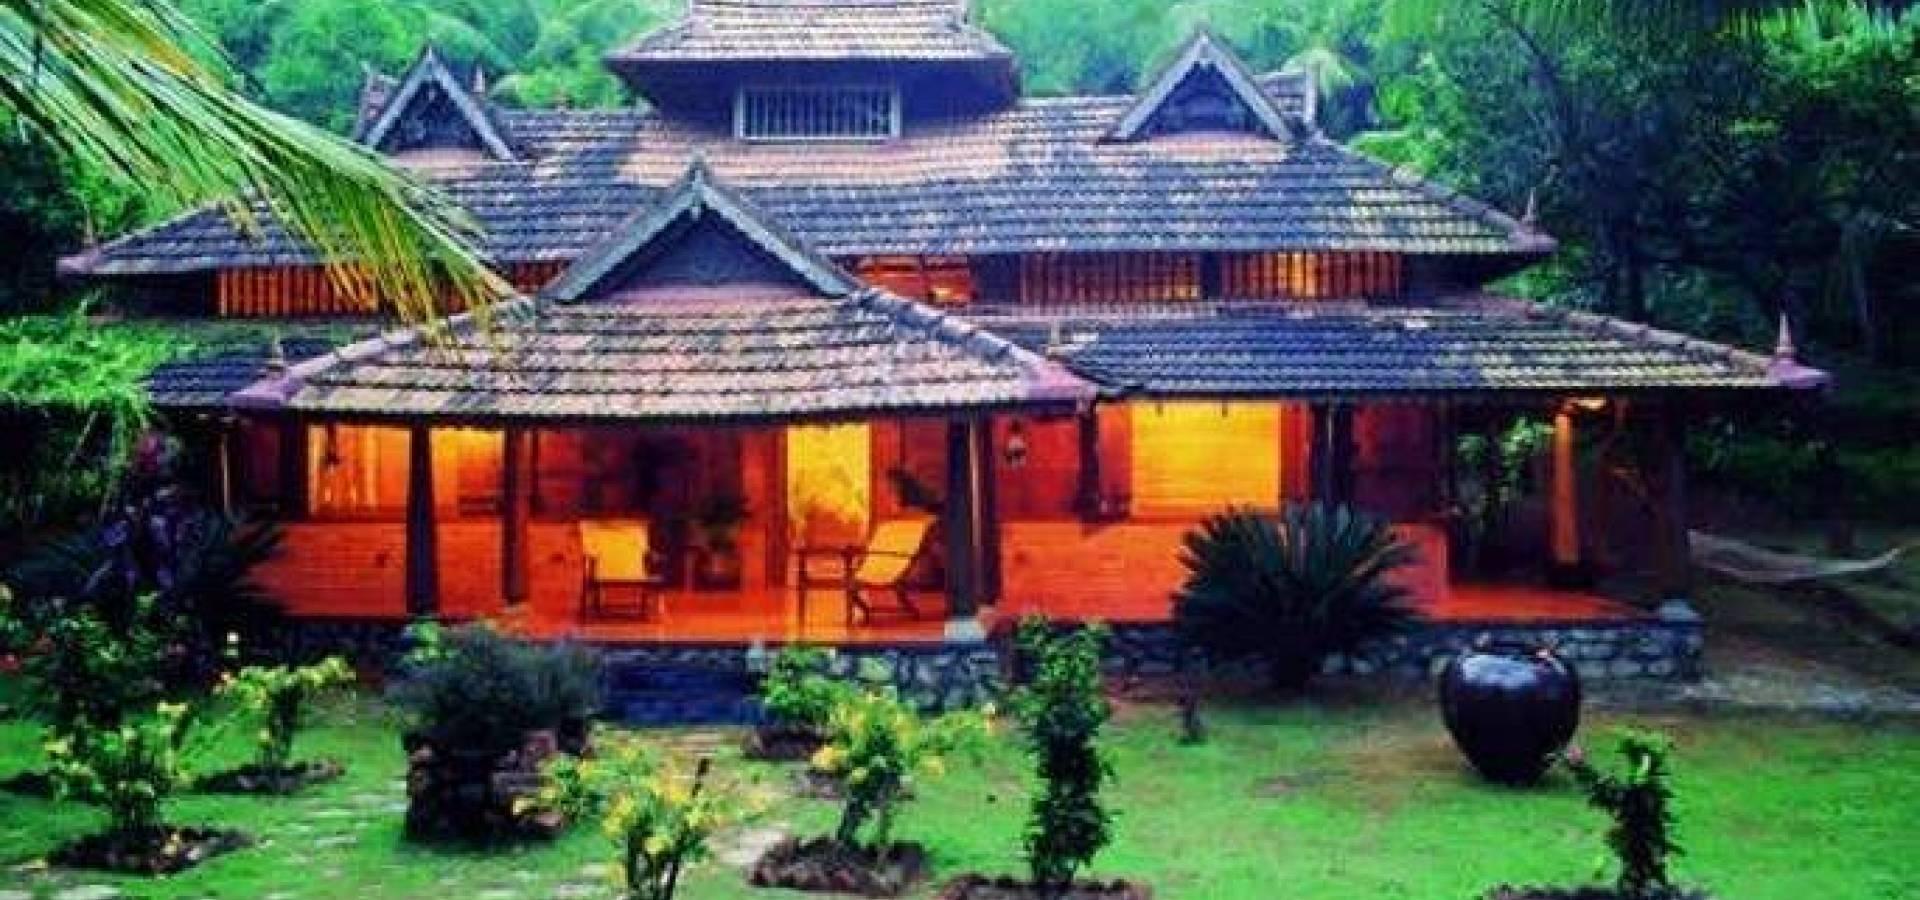 India - Programa PANCHAKARMA: Ayurveda, Yoga y Meditación en Kerala